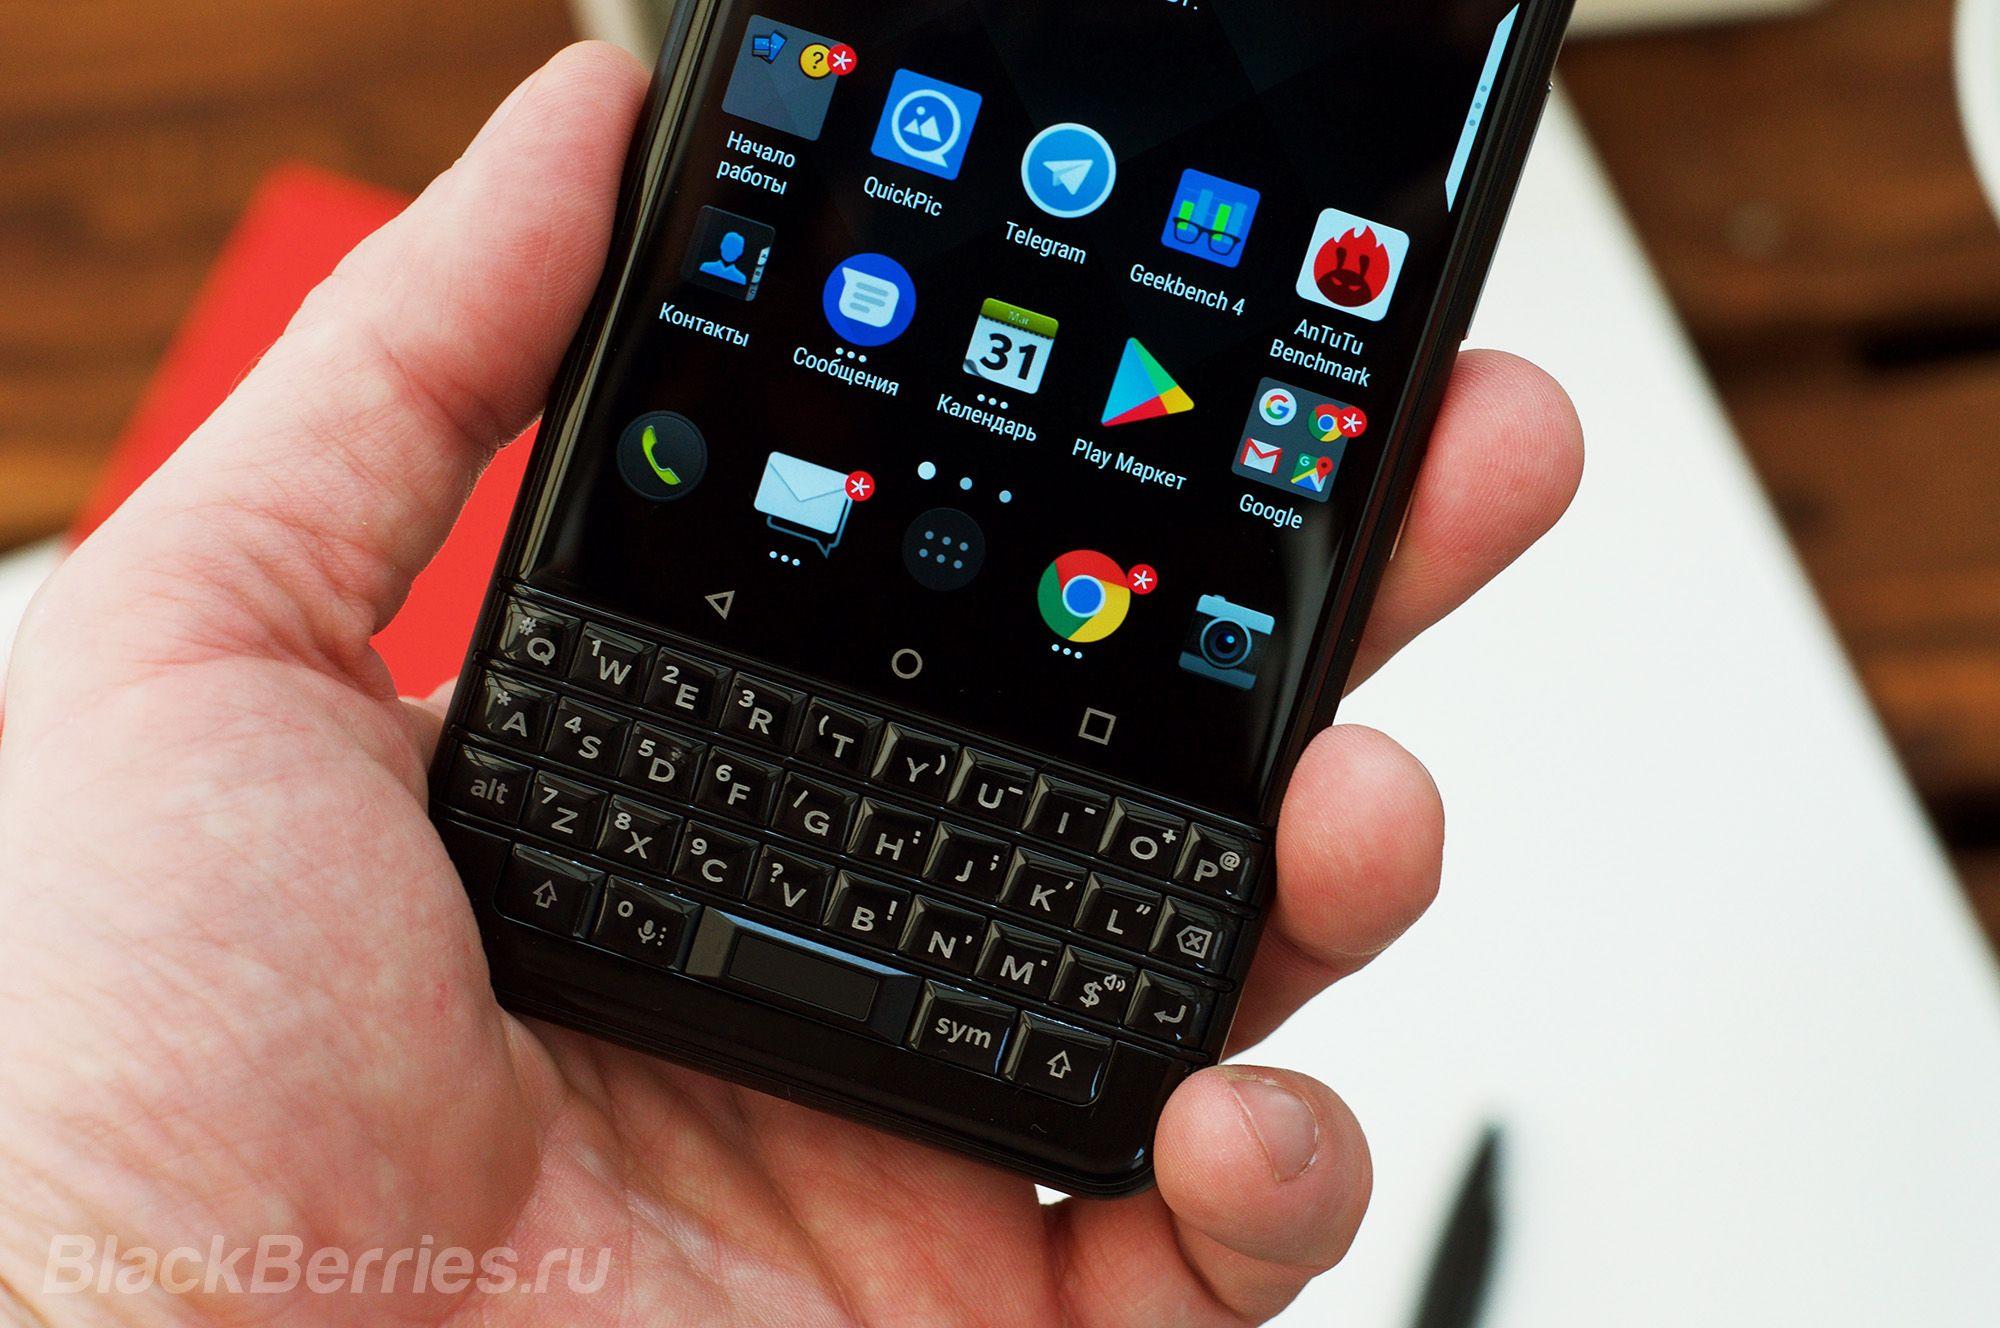 Новая версия BlackBerry Launcher на KEYone получила пакеты